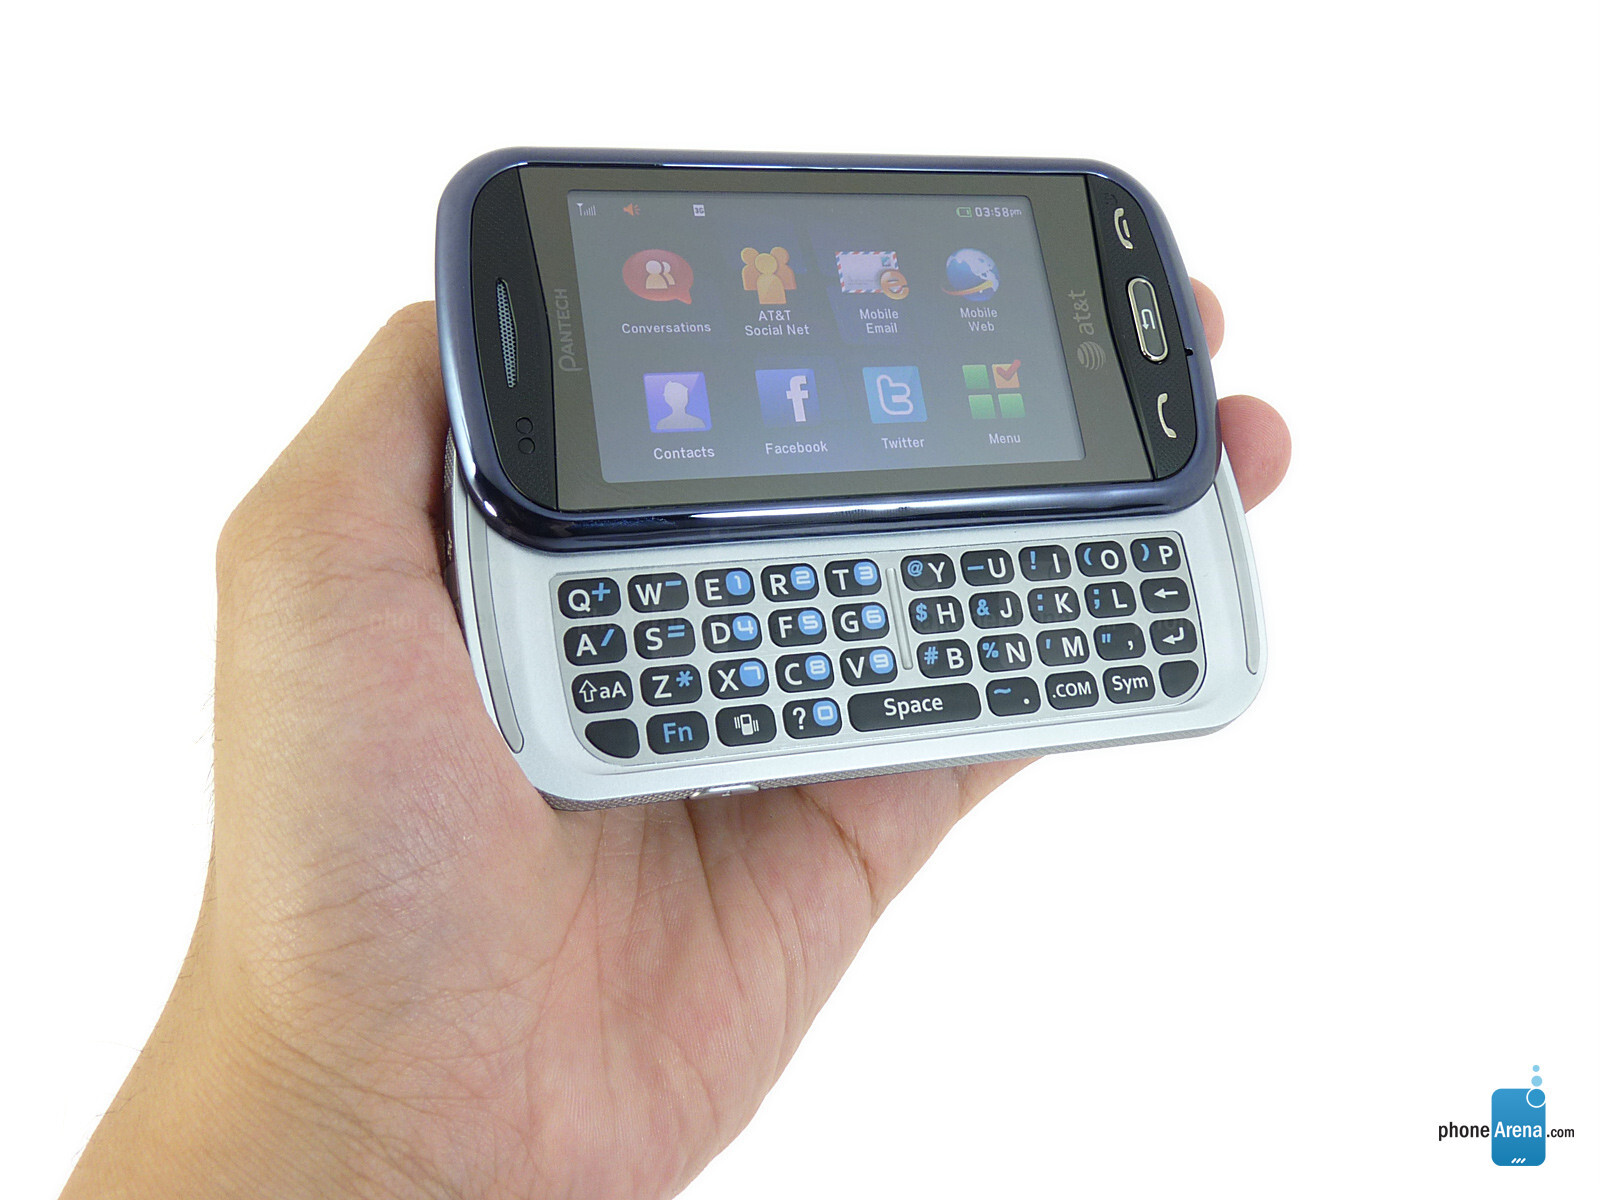 pantech laser photos rh phonearena com AT&T Pantech Phone AT&T Pantech Phone